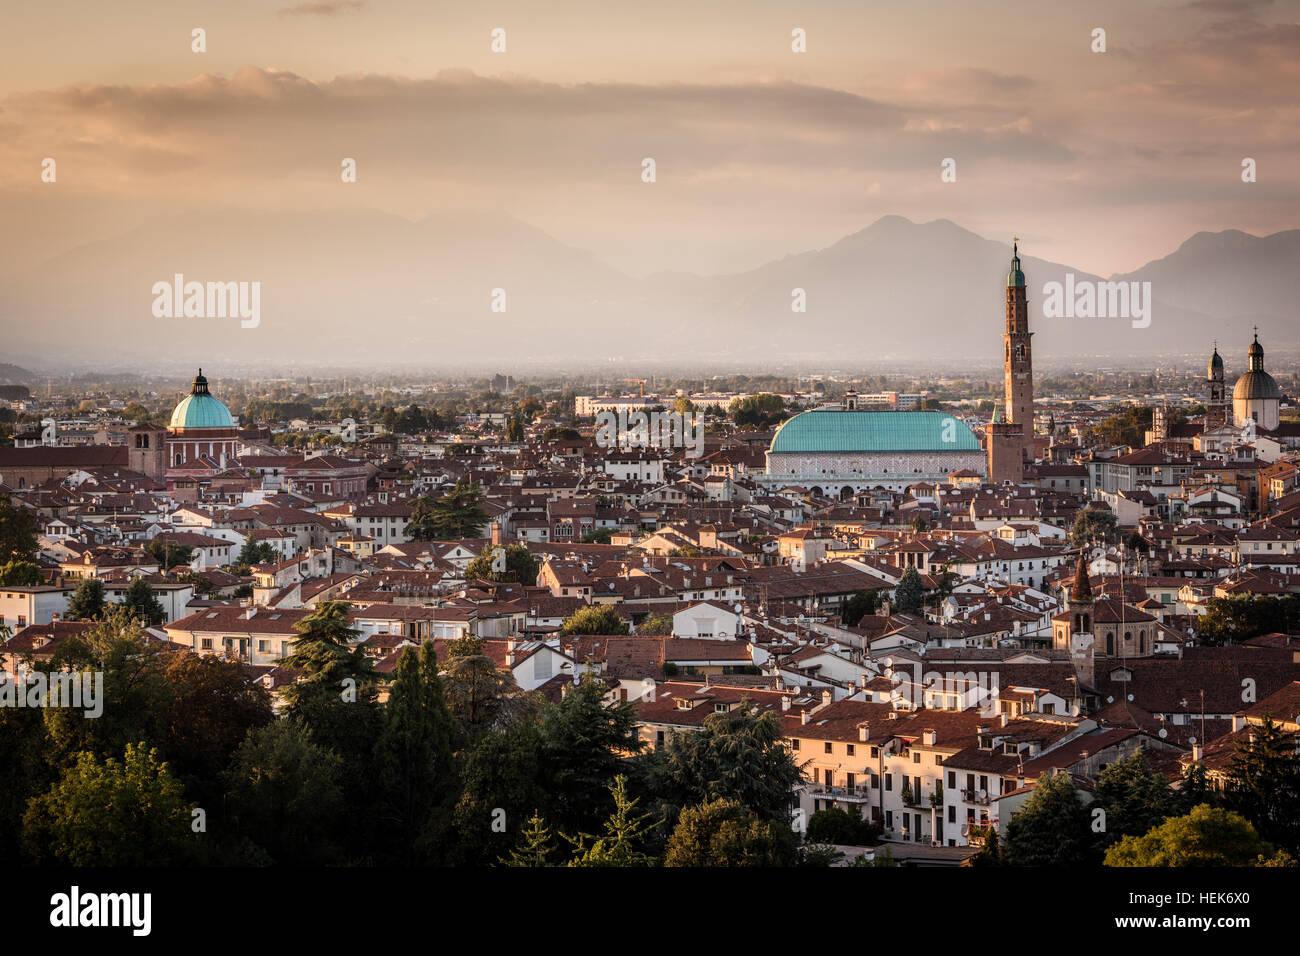 Vicenza at dusk - Stock Image